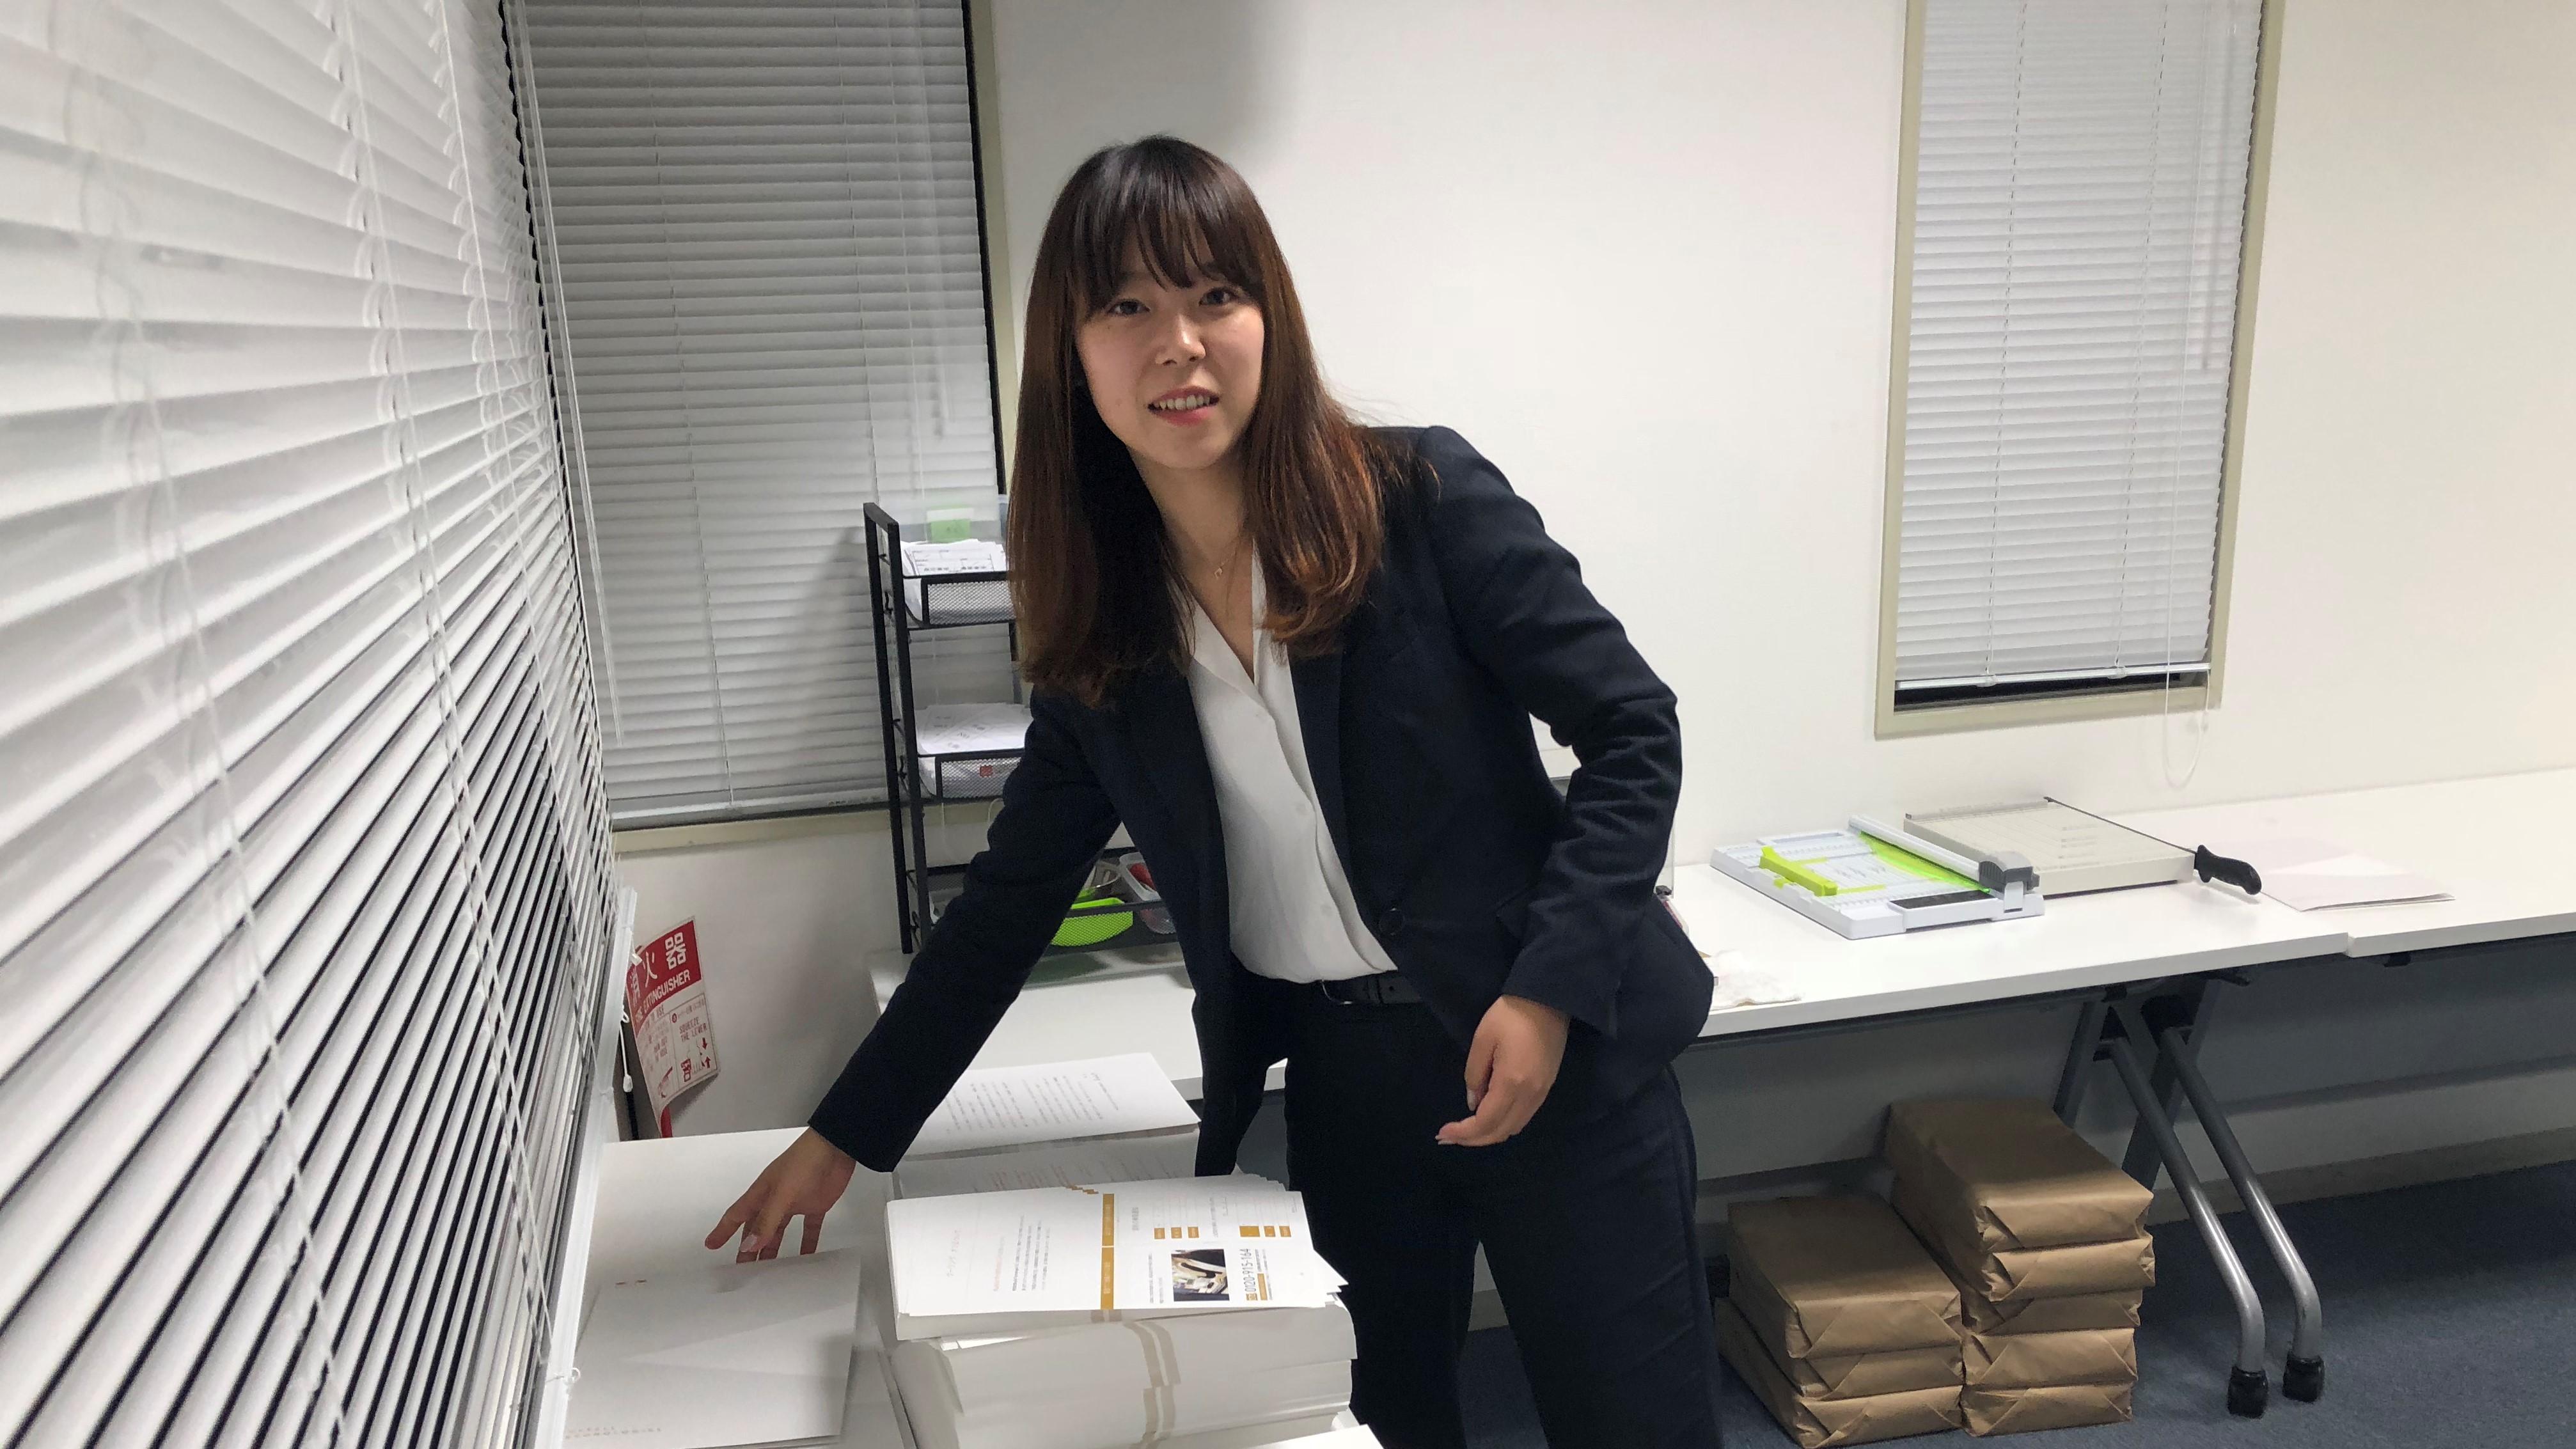 いま注目の18新卒メンバーにインタビューしてきました!大阪第一センター_関西学院大学卒_物部奈生